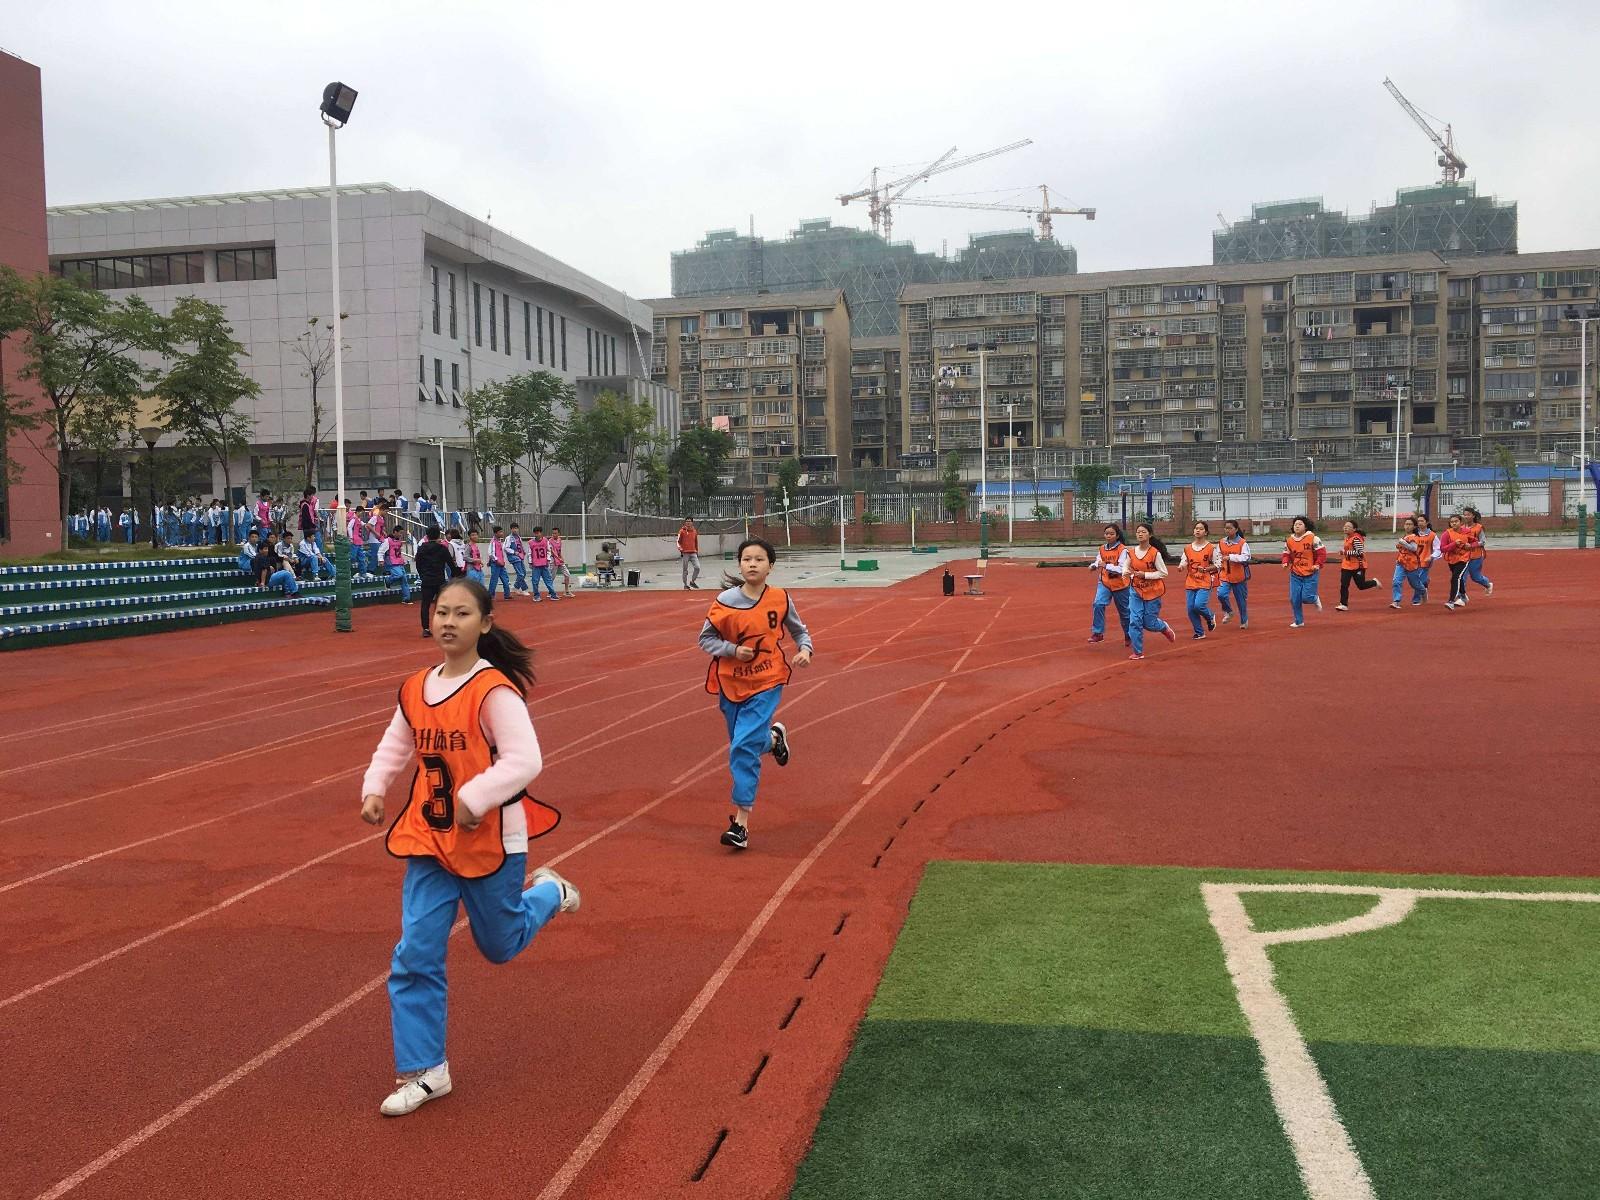 21部门联合发布《促进健康产业高质量发展行动纲要》 涉及体育医疗、场馆